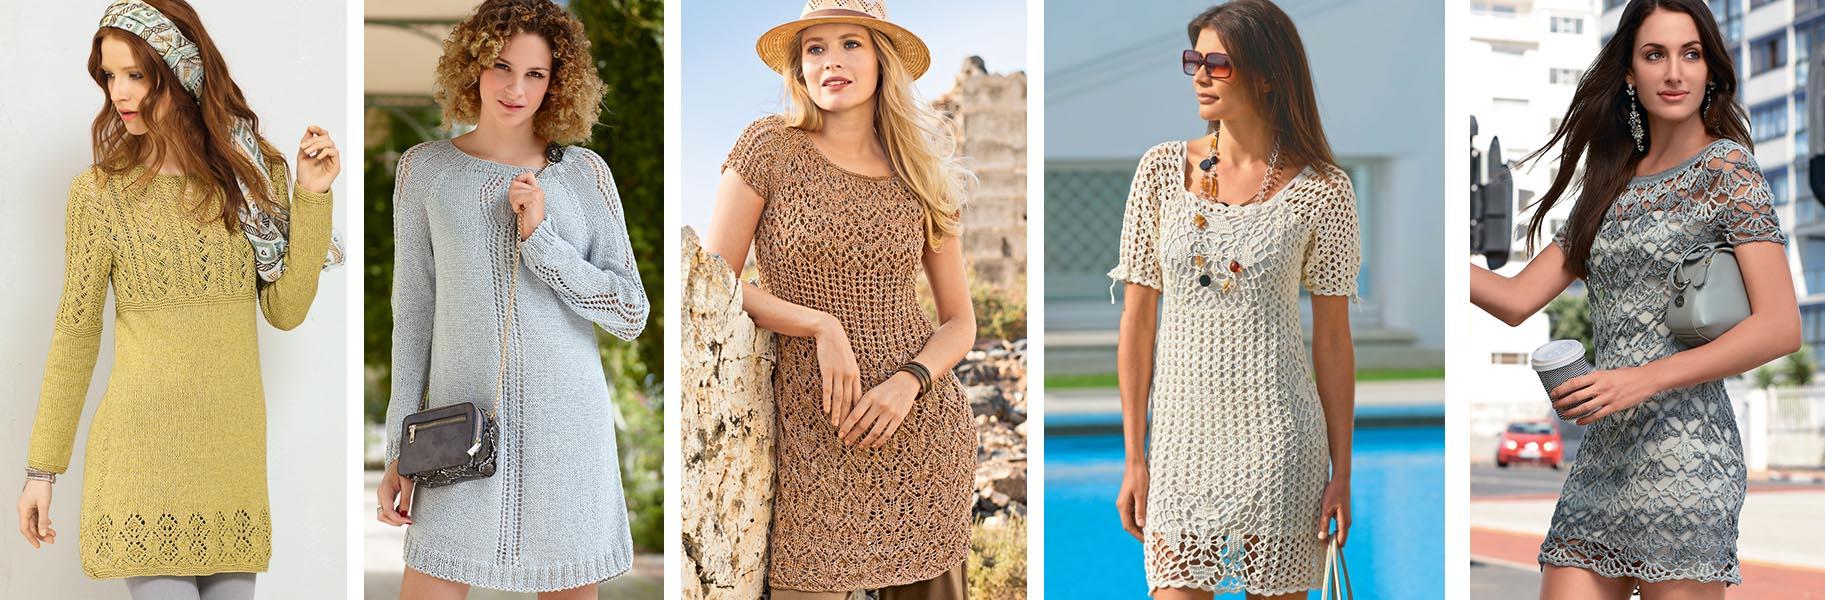 26ea4319ca2e8b8 Для теплой и жаркой прекрасно подойдут ажурные мини-платья, связанные  крючком или на спицах.